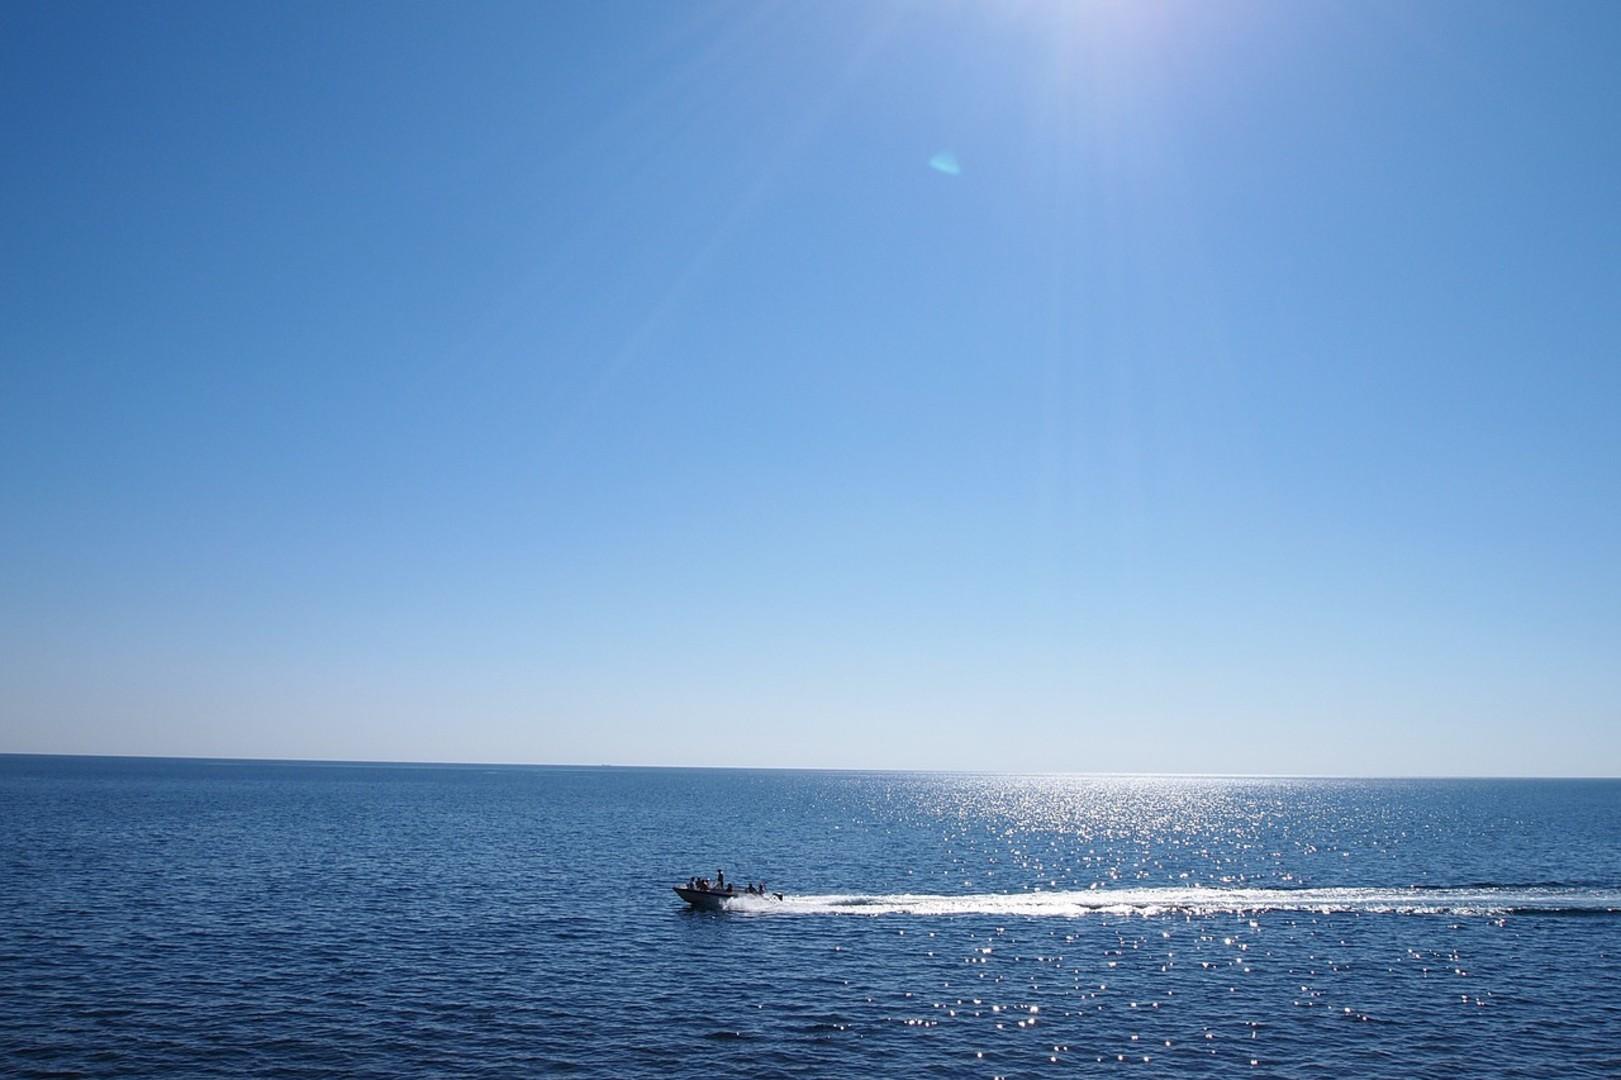 black-sea-1328876_1280.jpg